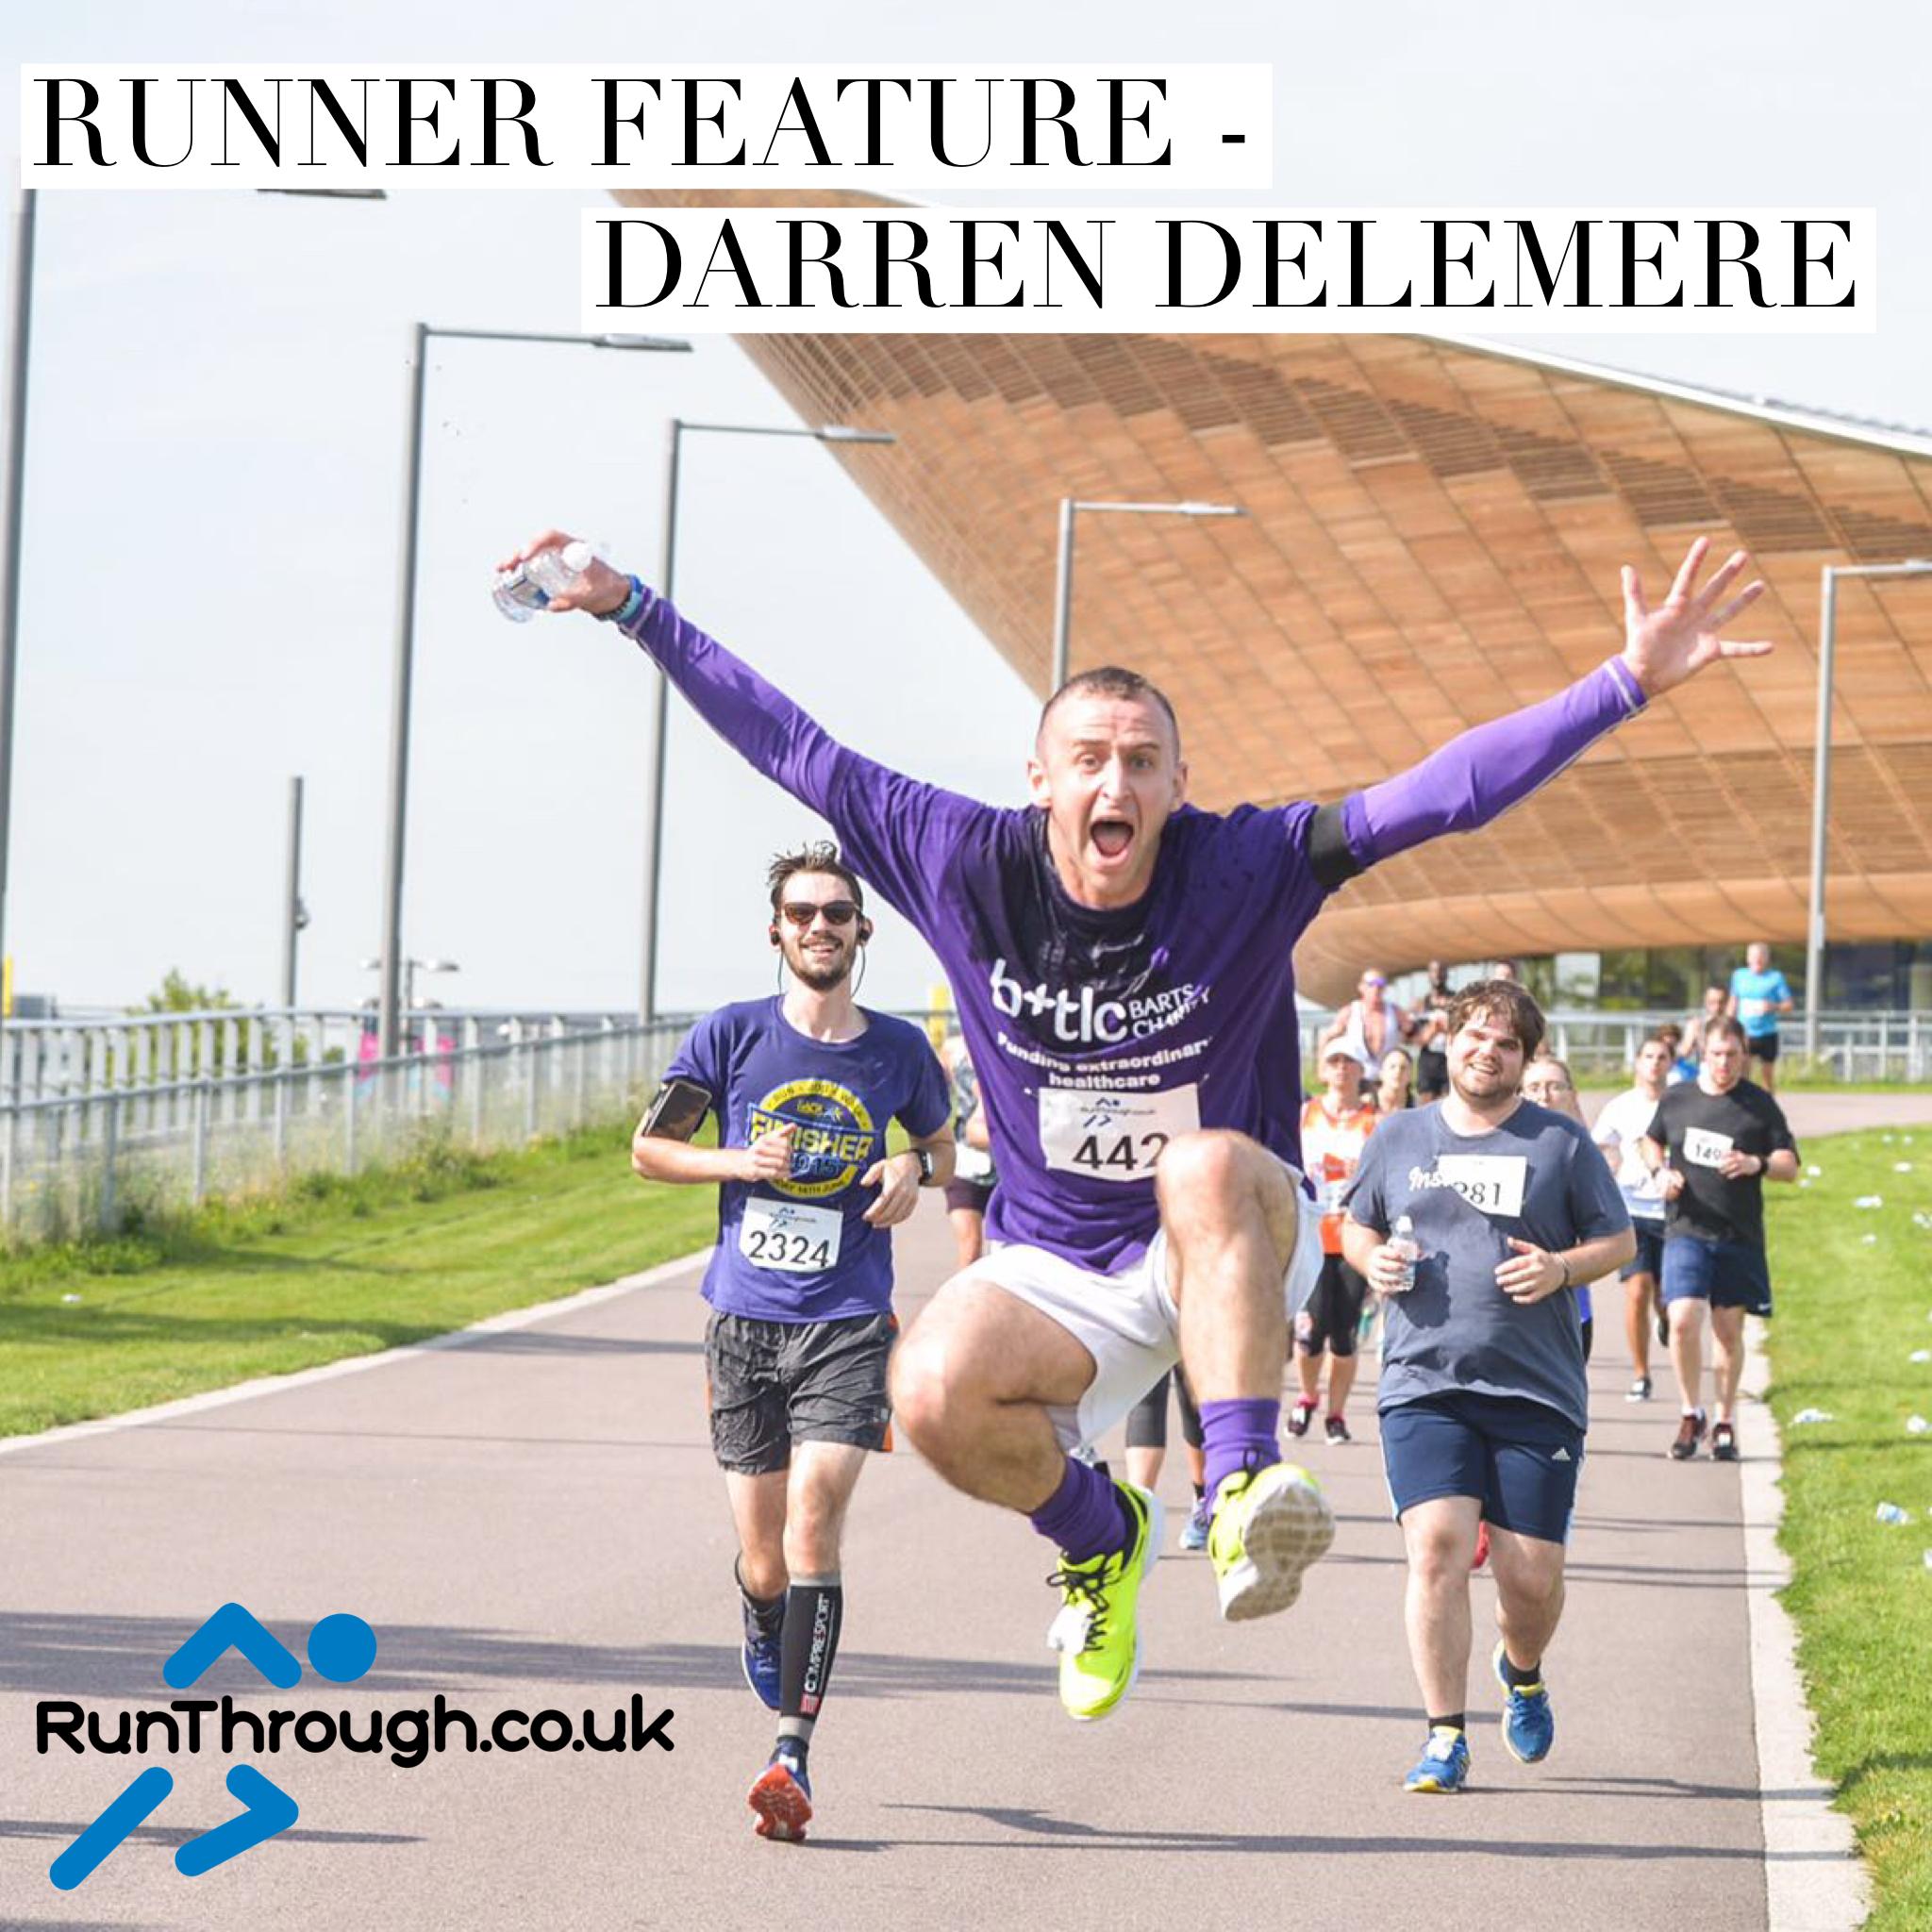 Runner Feature – Darren Delemere